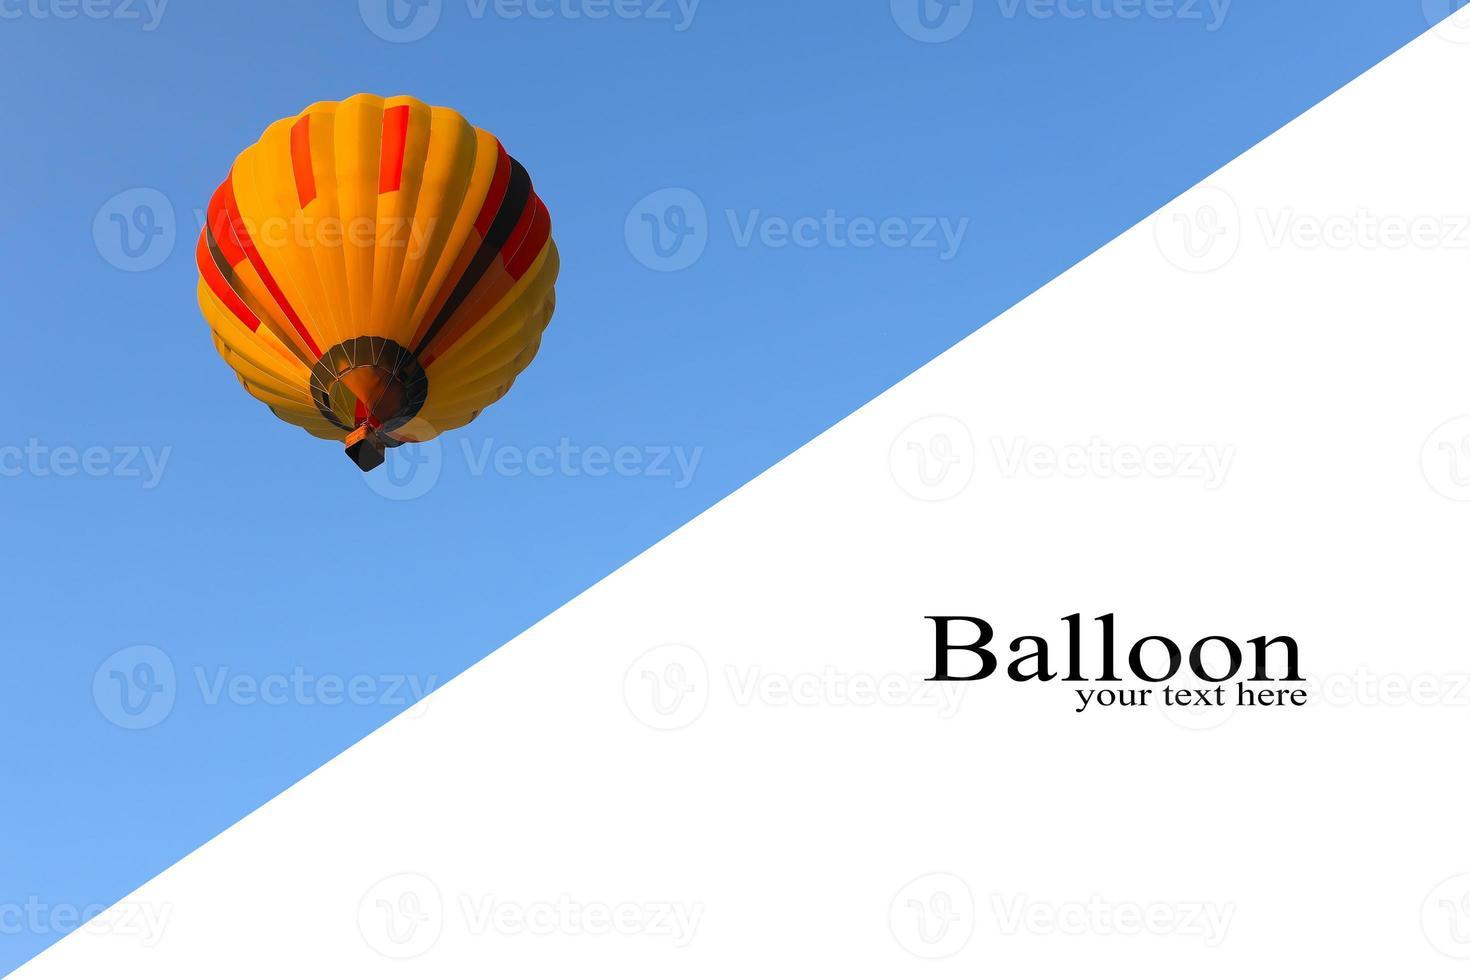 inspiração ou fundo de viagem, balão de ar quente colorido no céu azul. balão com fundo de céu azul lançamento no festival. lugar para texto foto